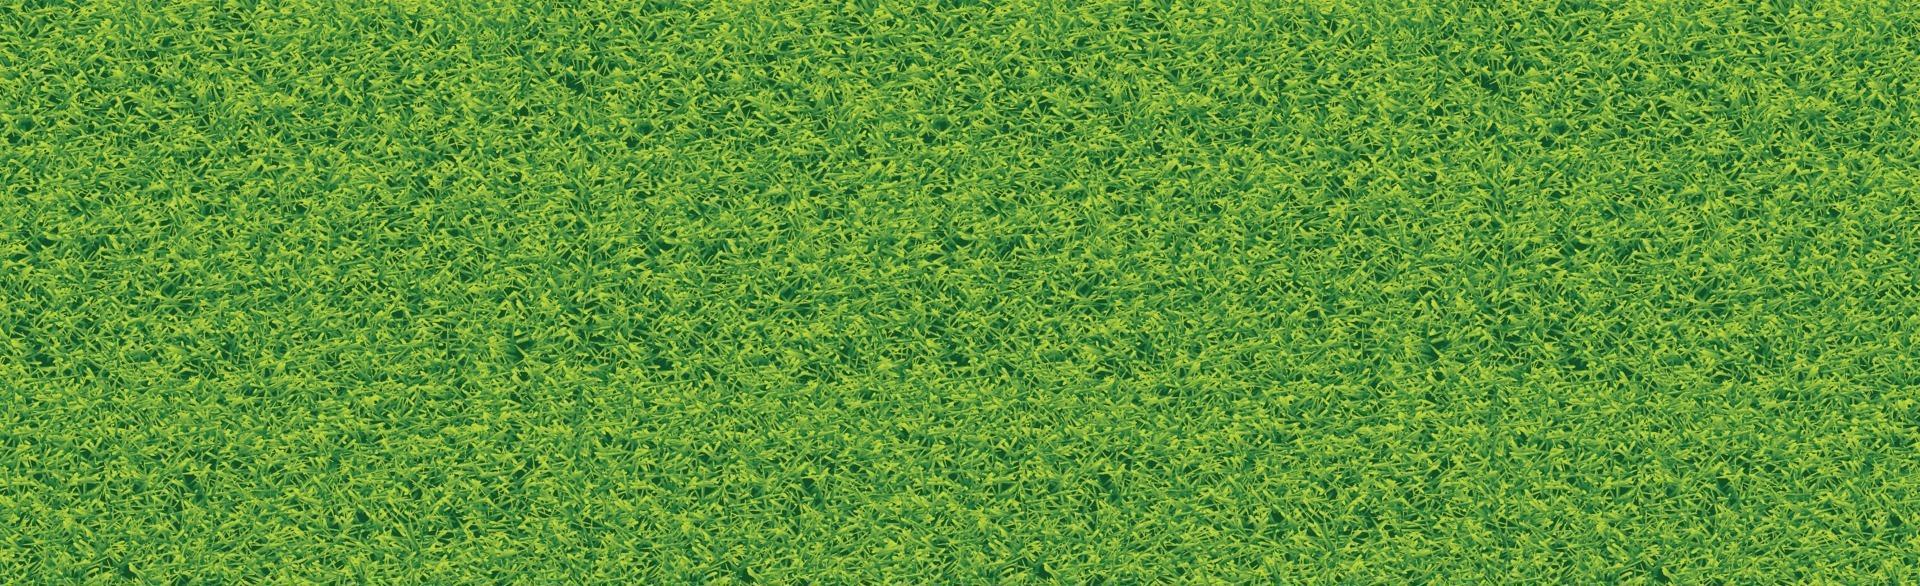 realistisk klassisk fotbollsplan med tvåfärgad grön beläggning vektor